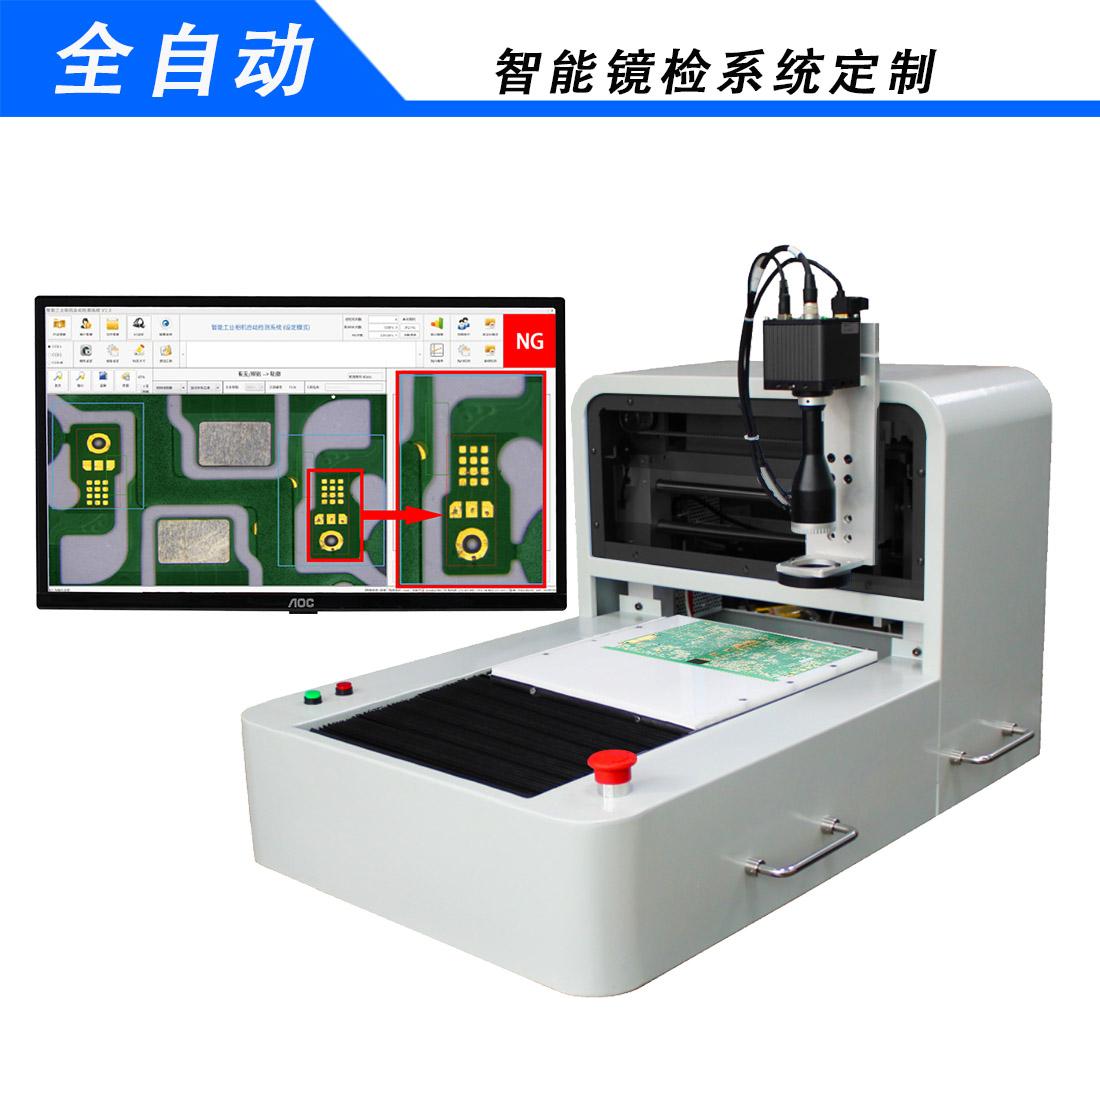 智能检测显微镜系统